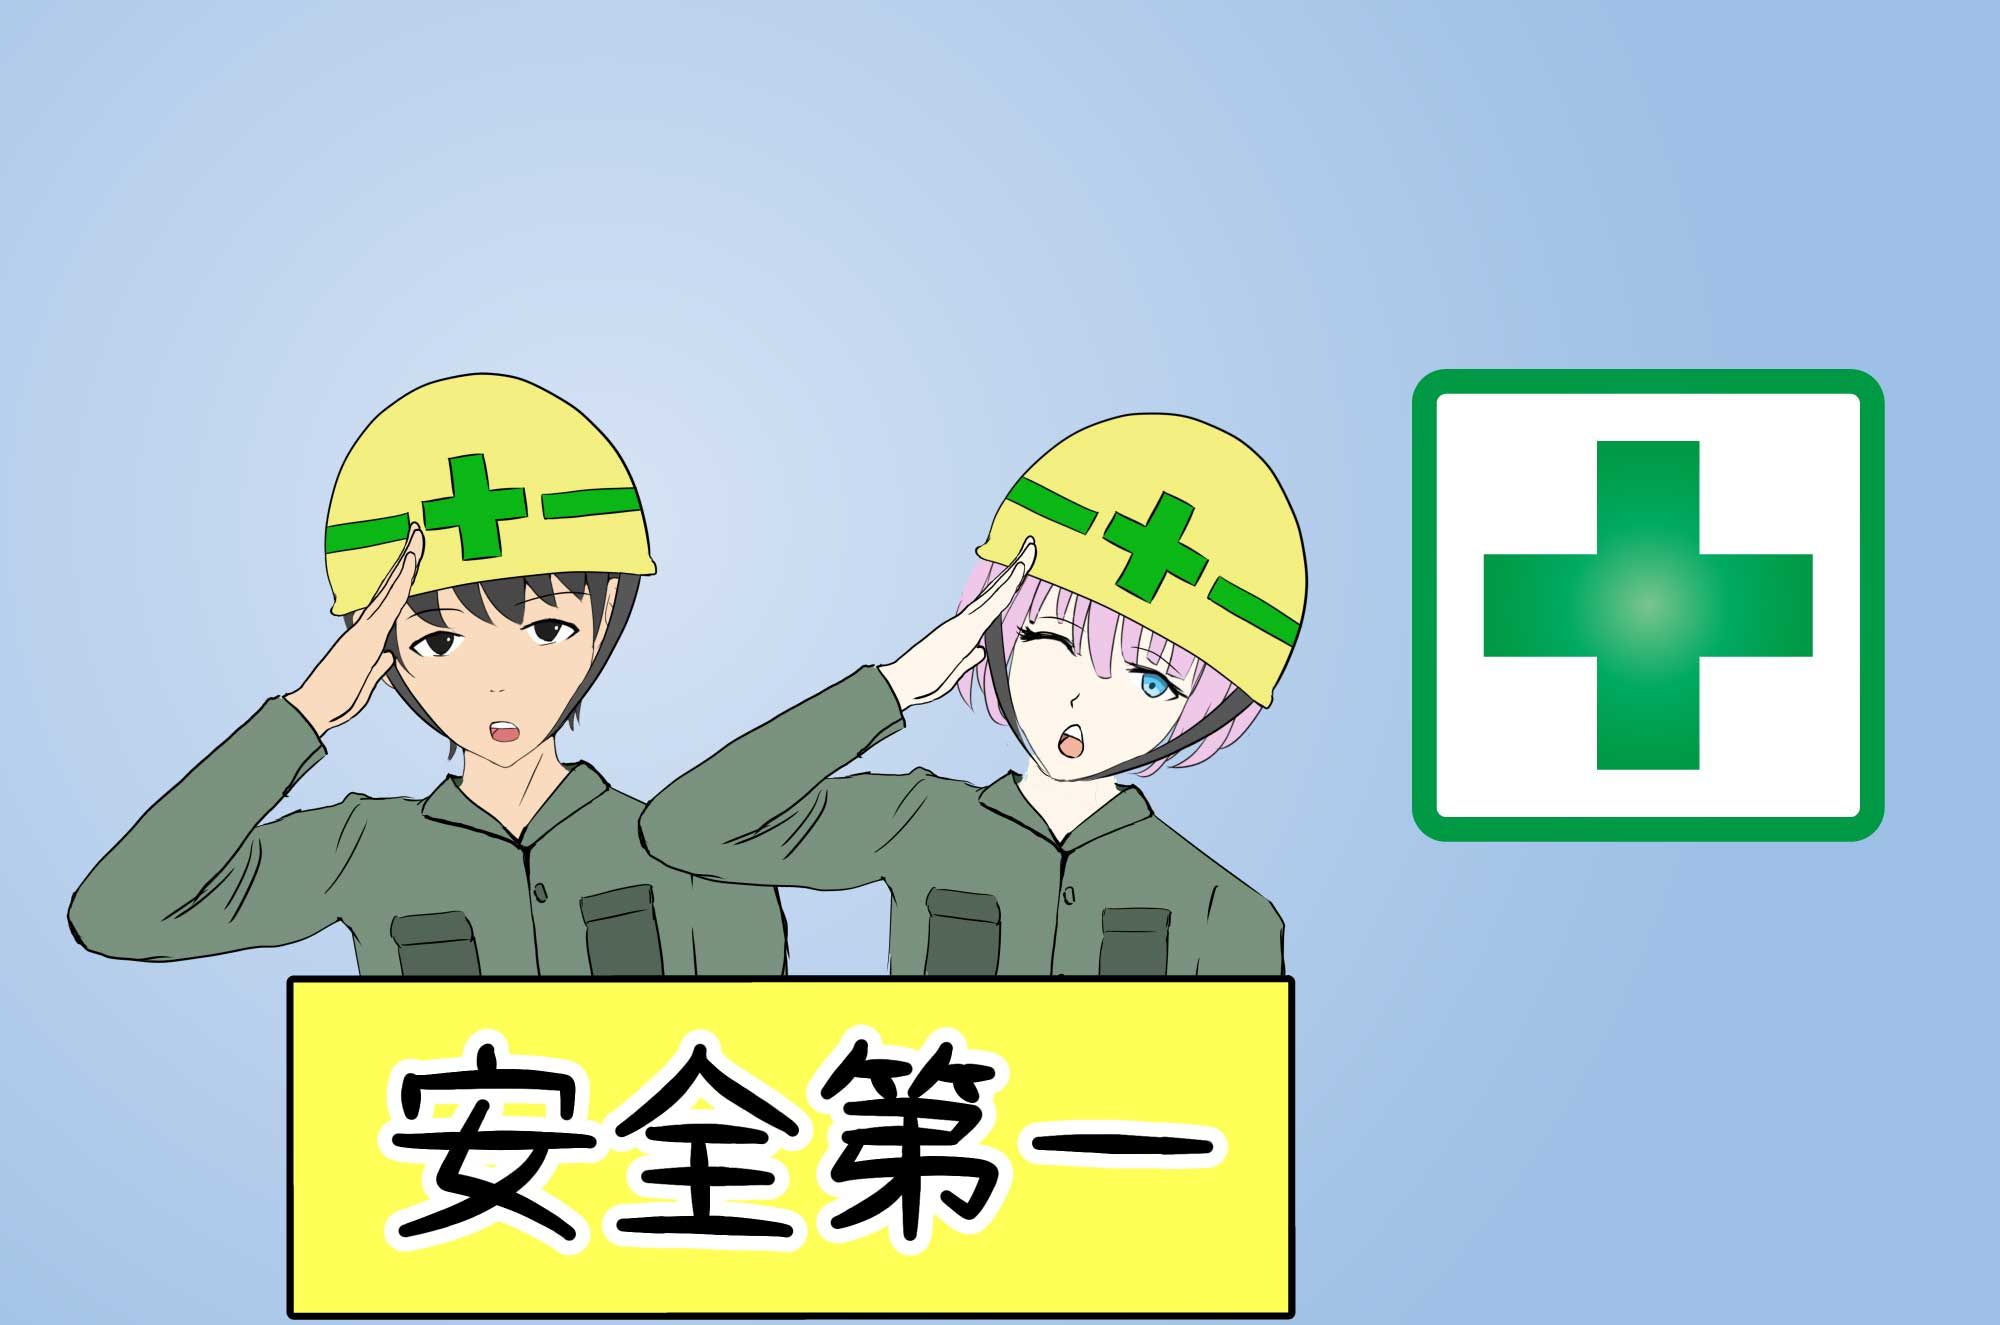 安全の無料イラスト - マーク・工事現場作業員の素材